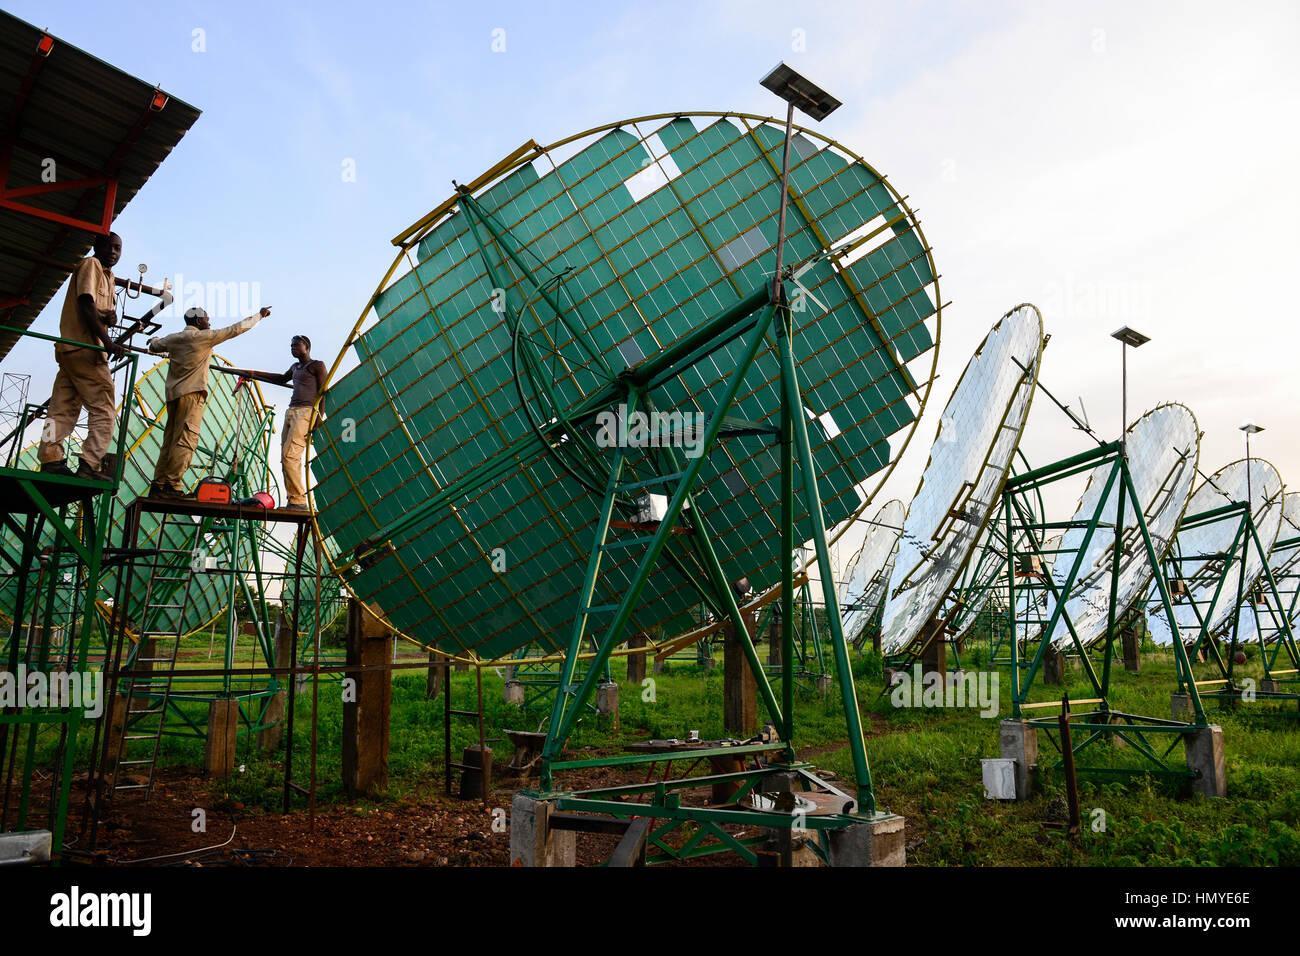 BURKINA FASO, Dano, Stiftung Dreyer, Reismühle mit Solarkocher ...